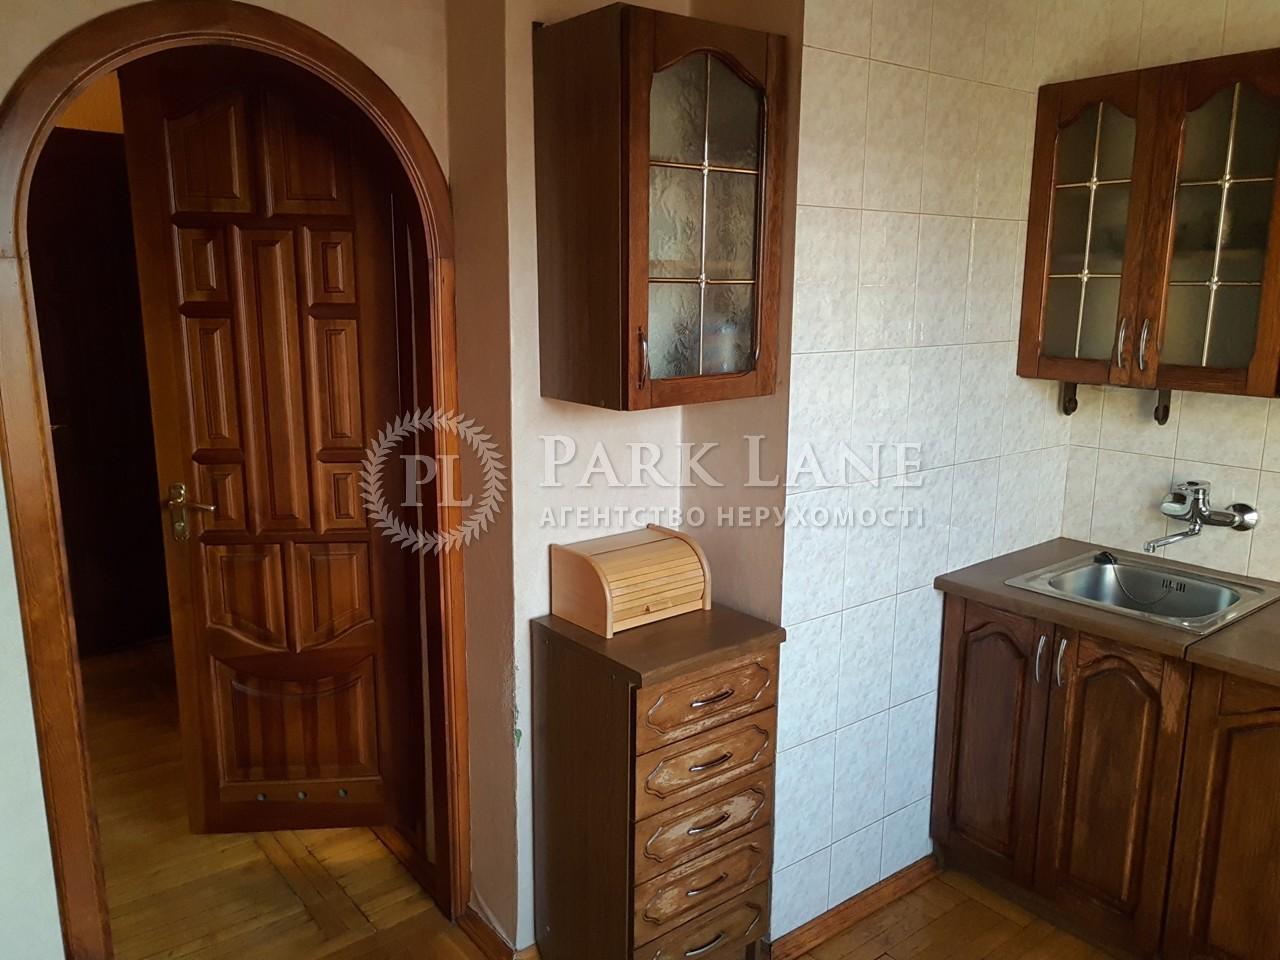 Квартира ул. Приозерная, 12, Киев, R-10718 - Фото 13